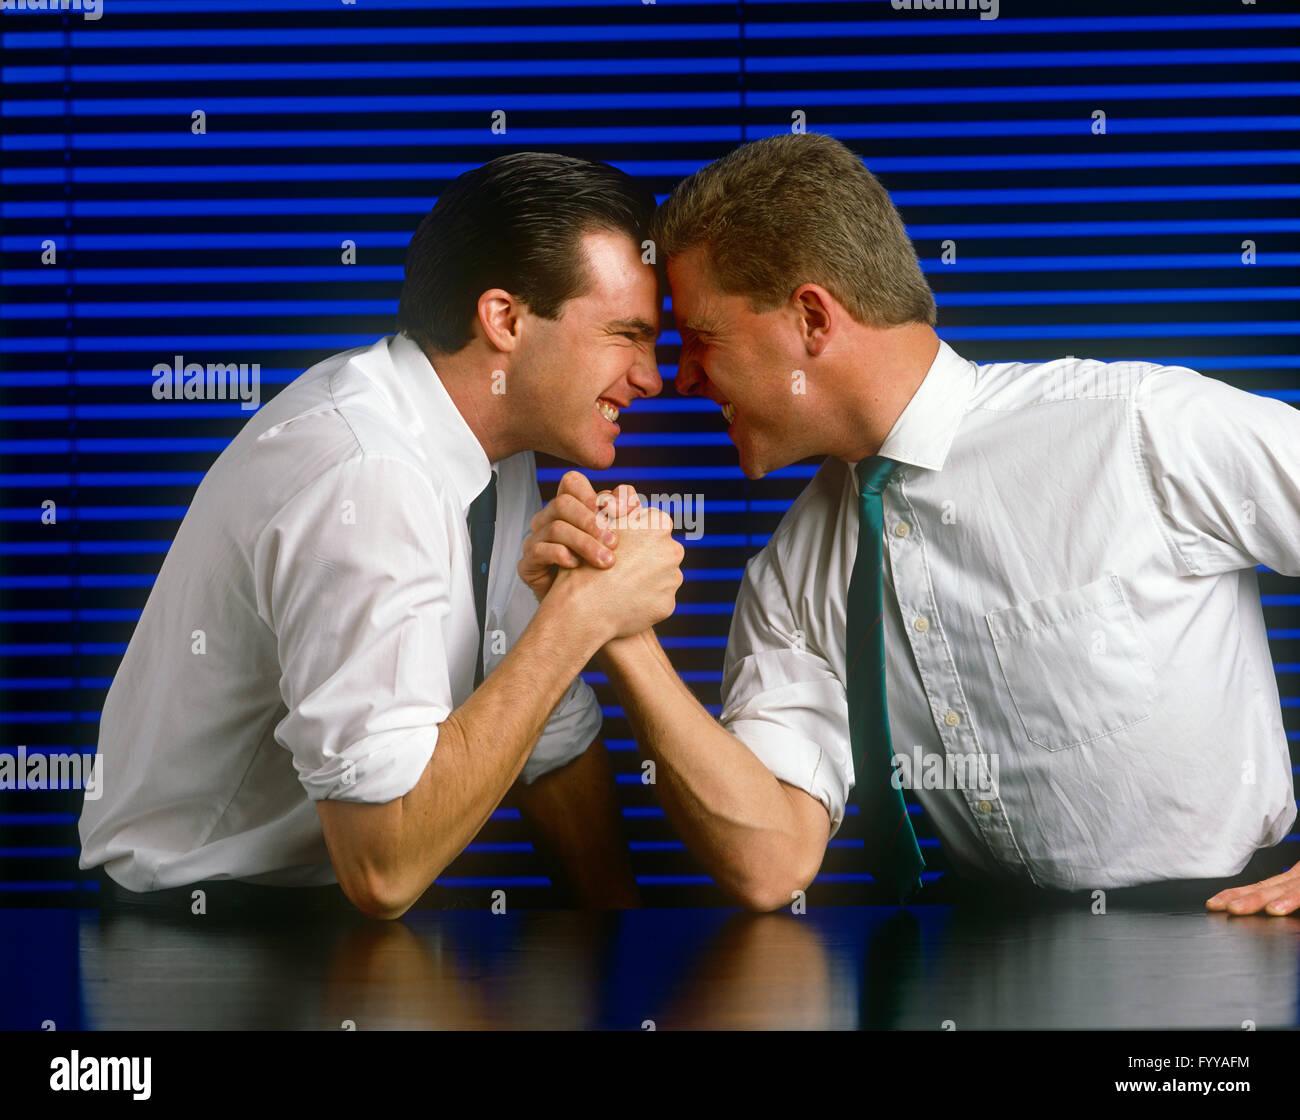 Deux mecs en vêtements intelligents ayant un avantage concurrentiel à l'intérieur, bras de fer. Photo Stock